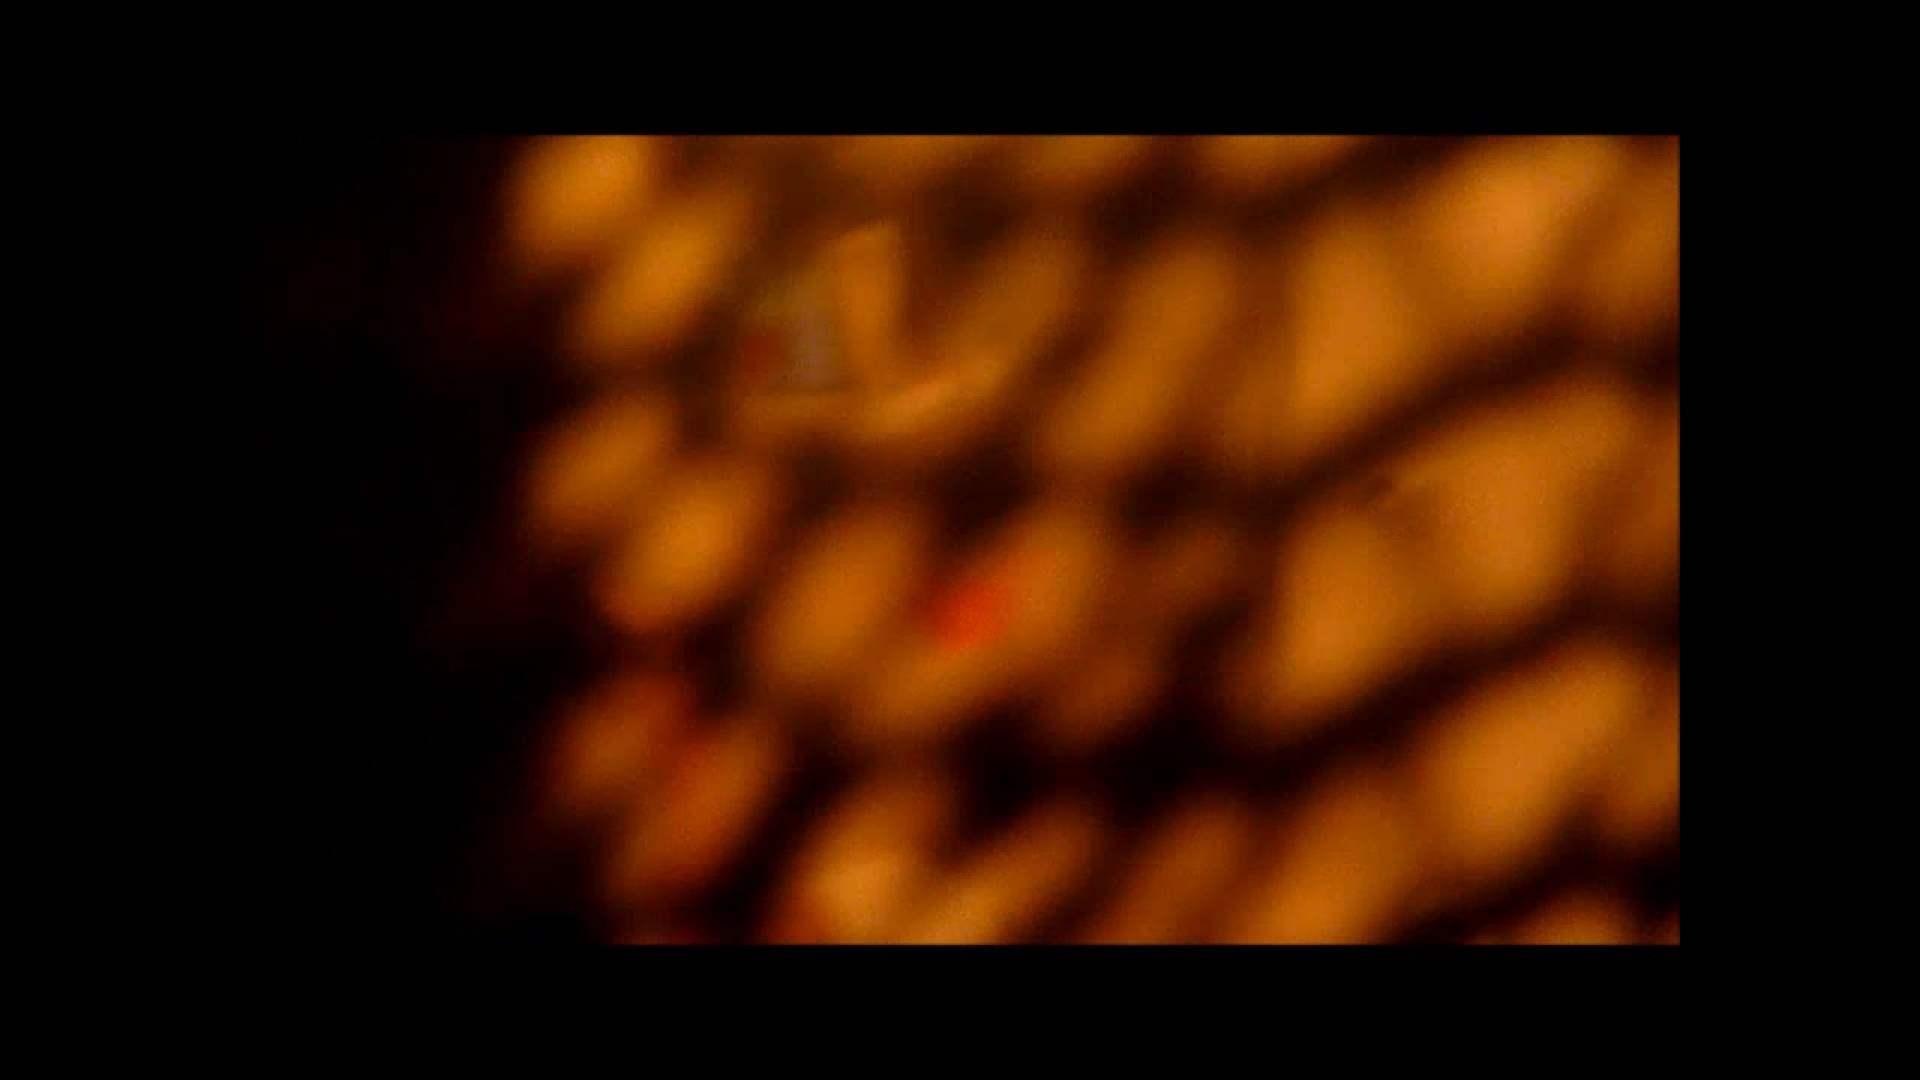 【02】ベランダに侵入して張り込みを始めて・・・やっと結果が出ました。 家宅侵入  107pic 76